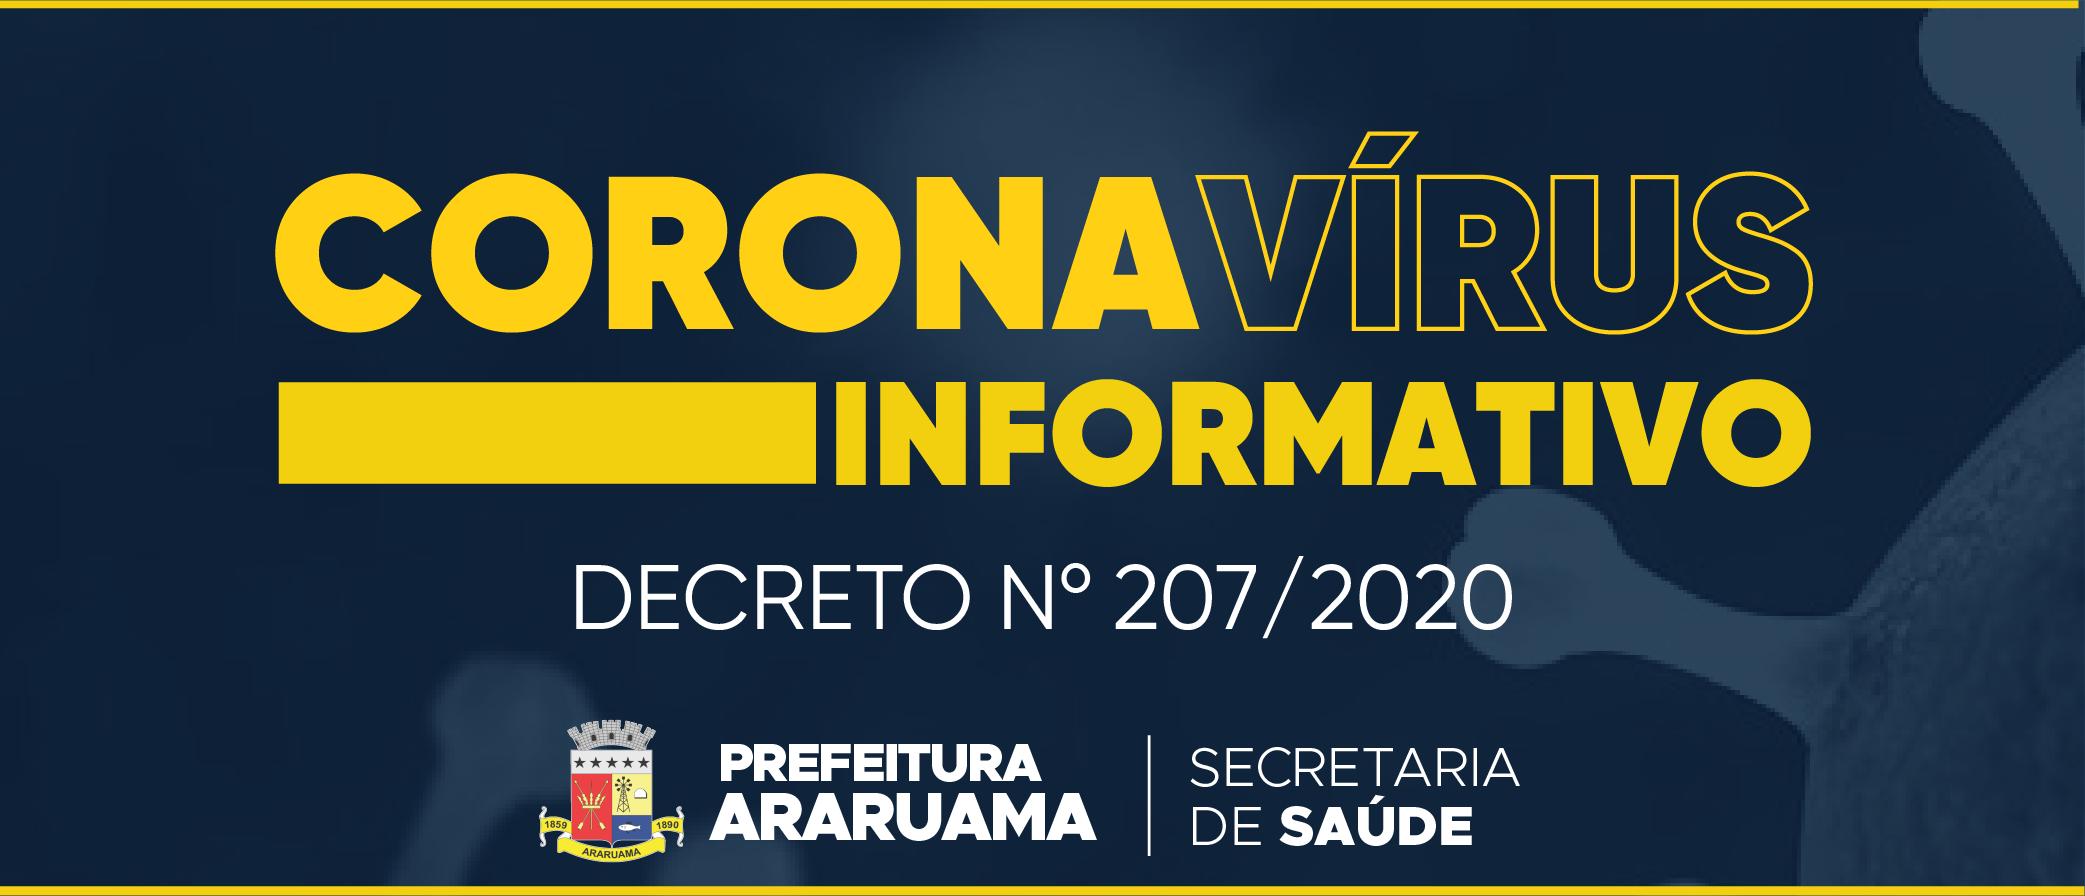 Prefeitura de Araruama publica decreto que trata da flexibilização parcial do comércio